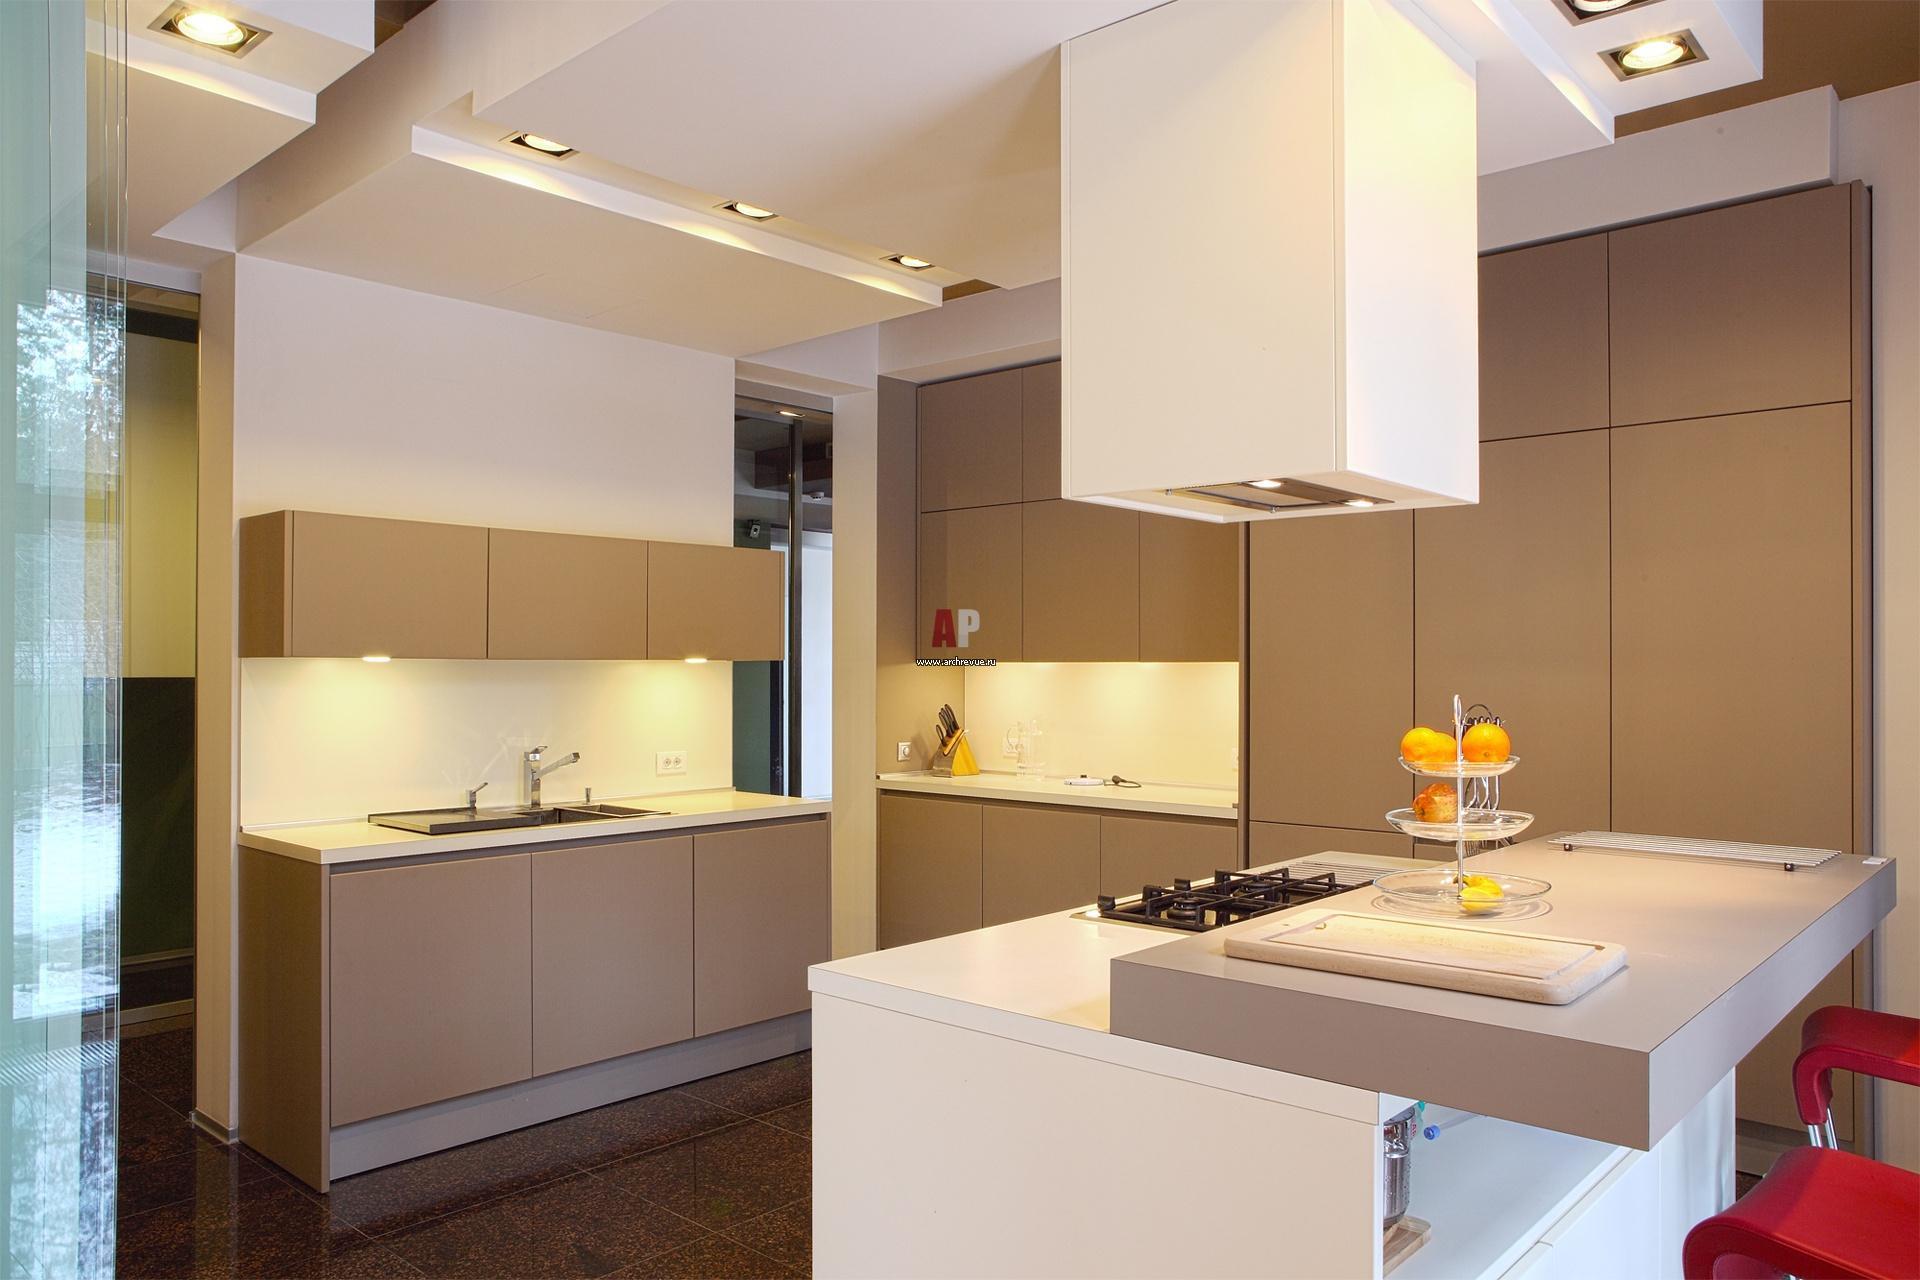 Как красиво оформить кухню: советы по дизайну интерьера